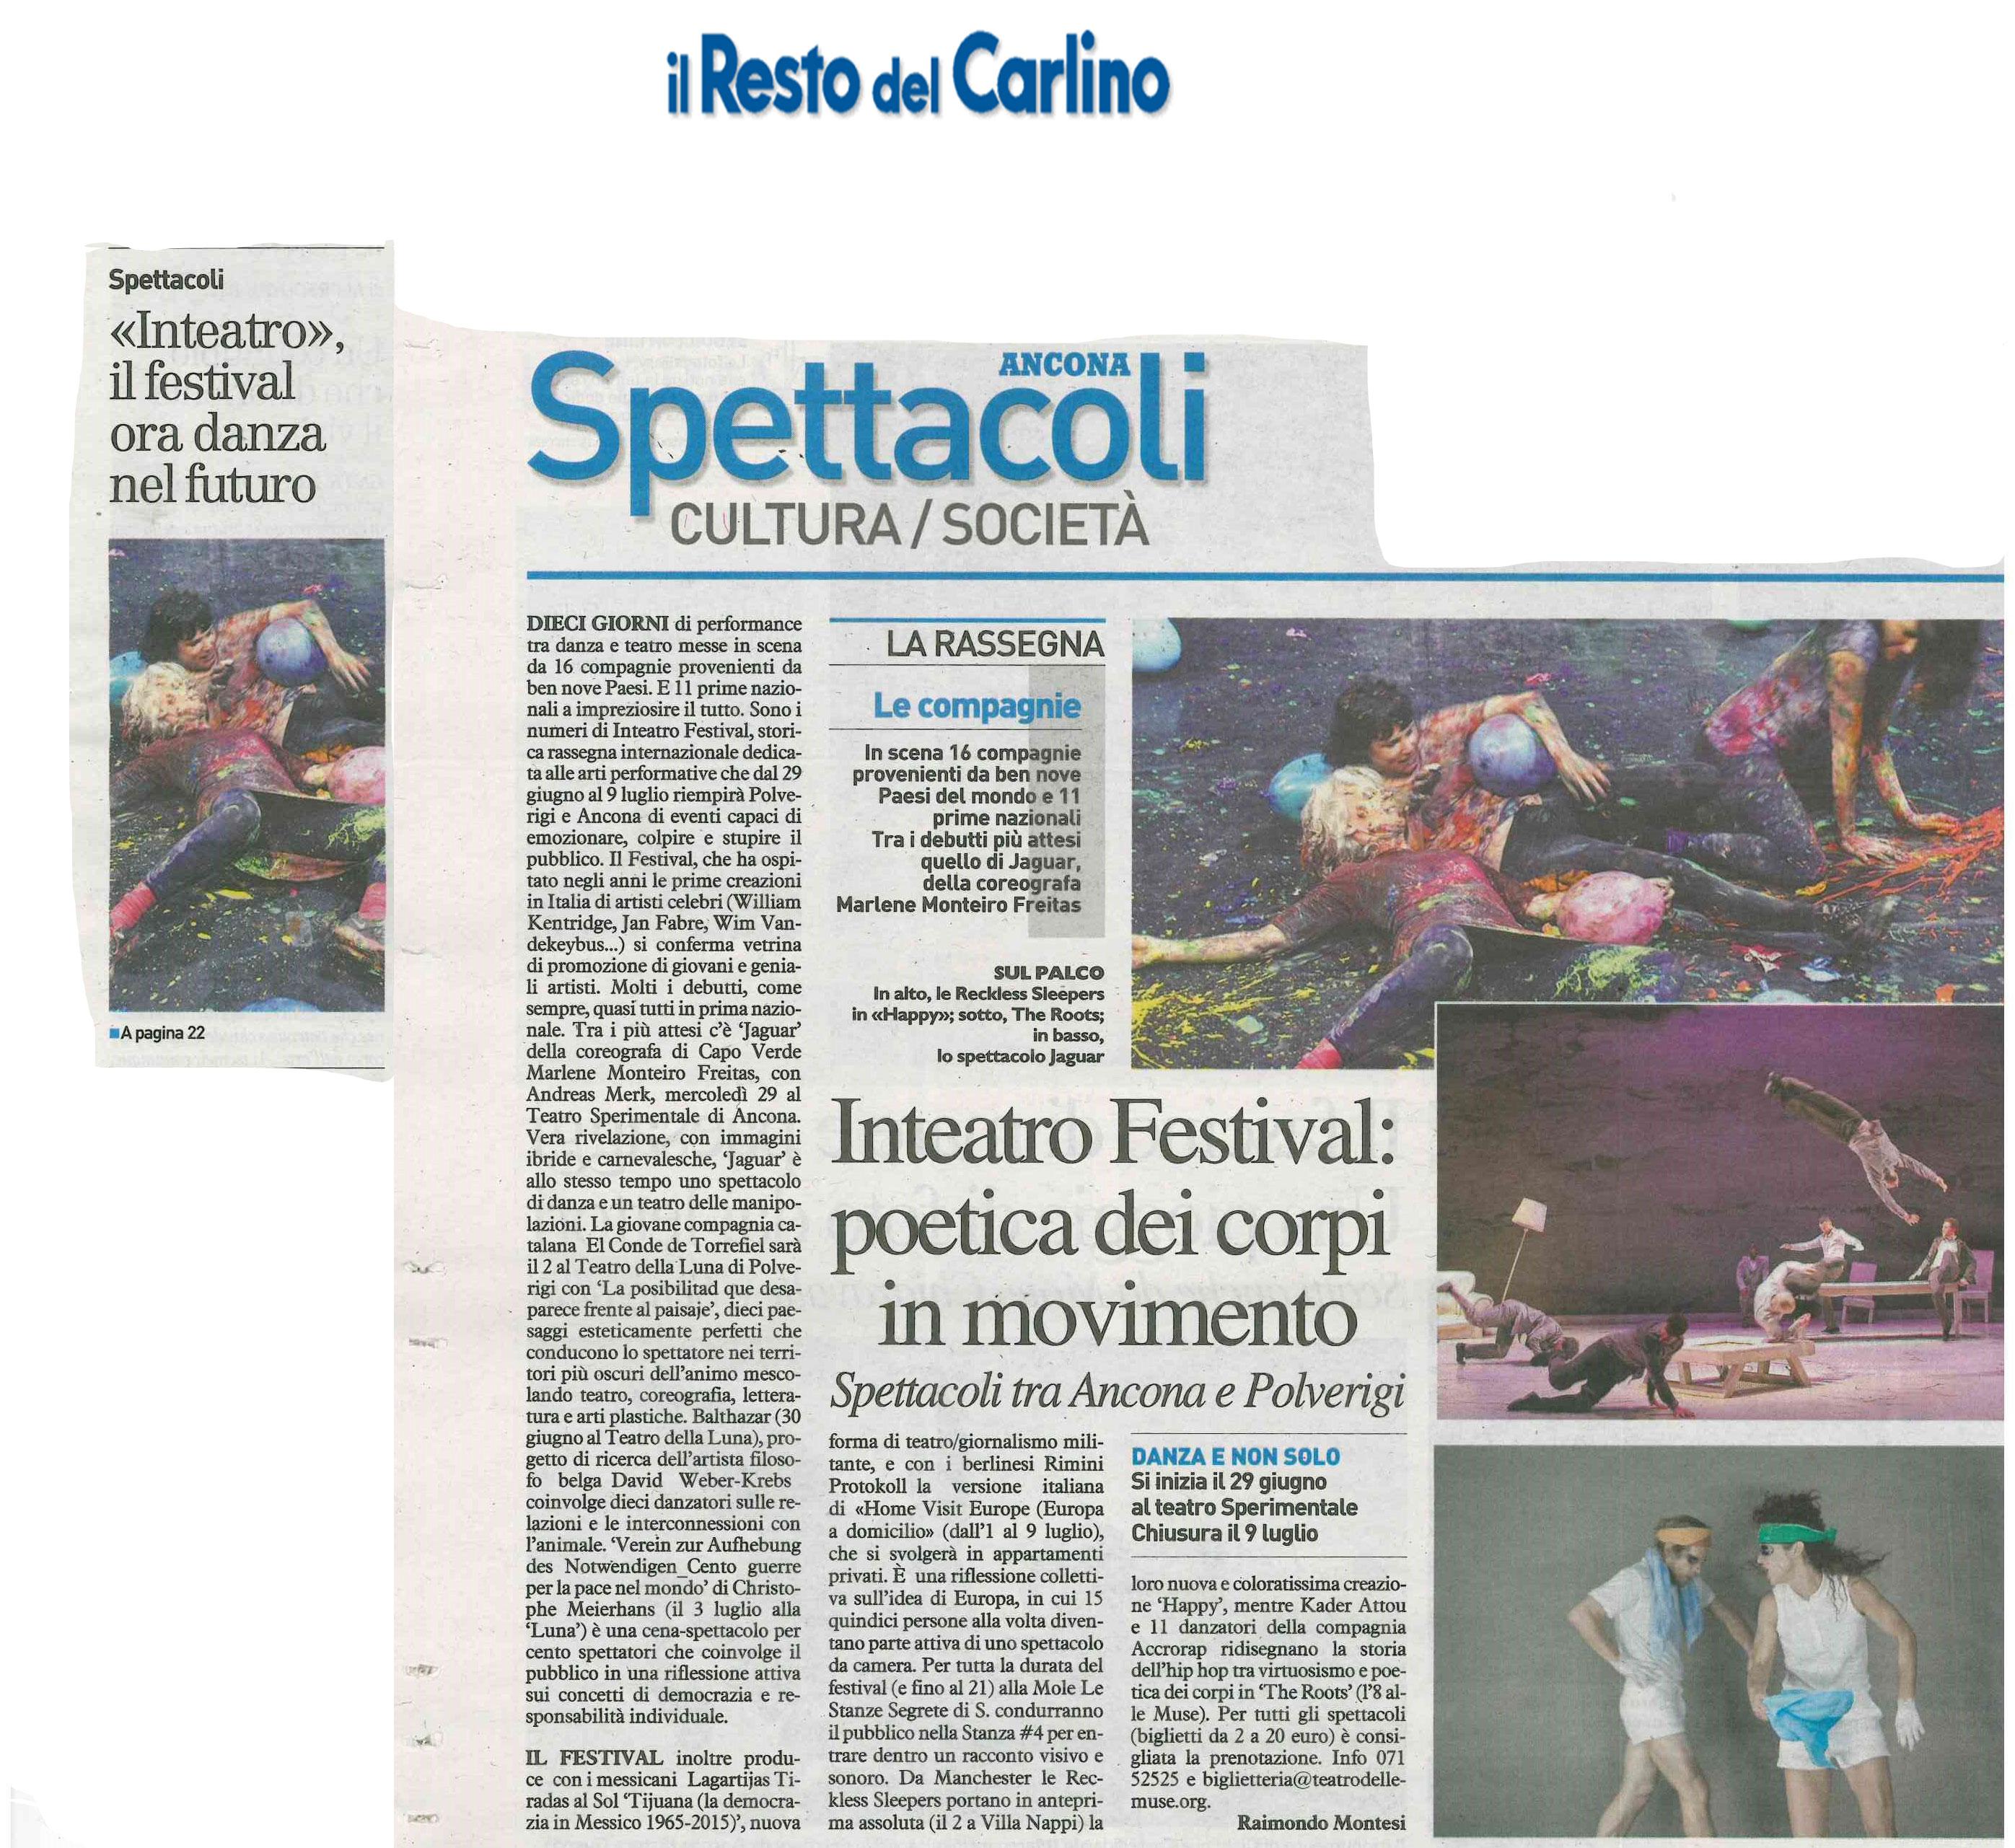 2016_06_09_-Inteatro-Festival-poetica-dei-corpi-in-movimento